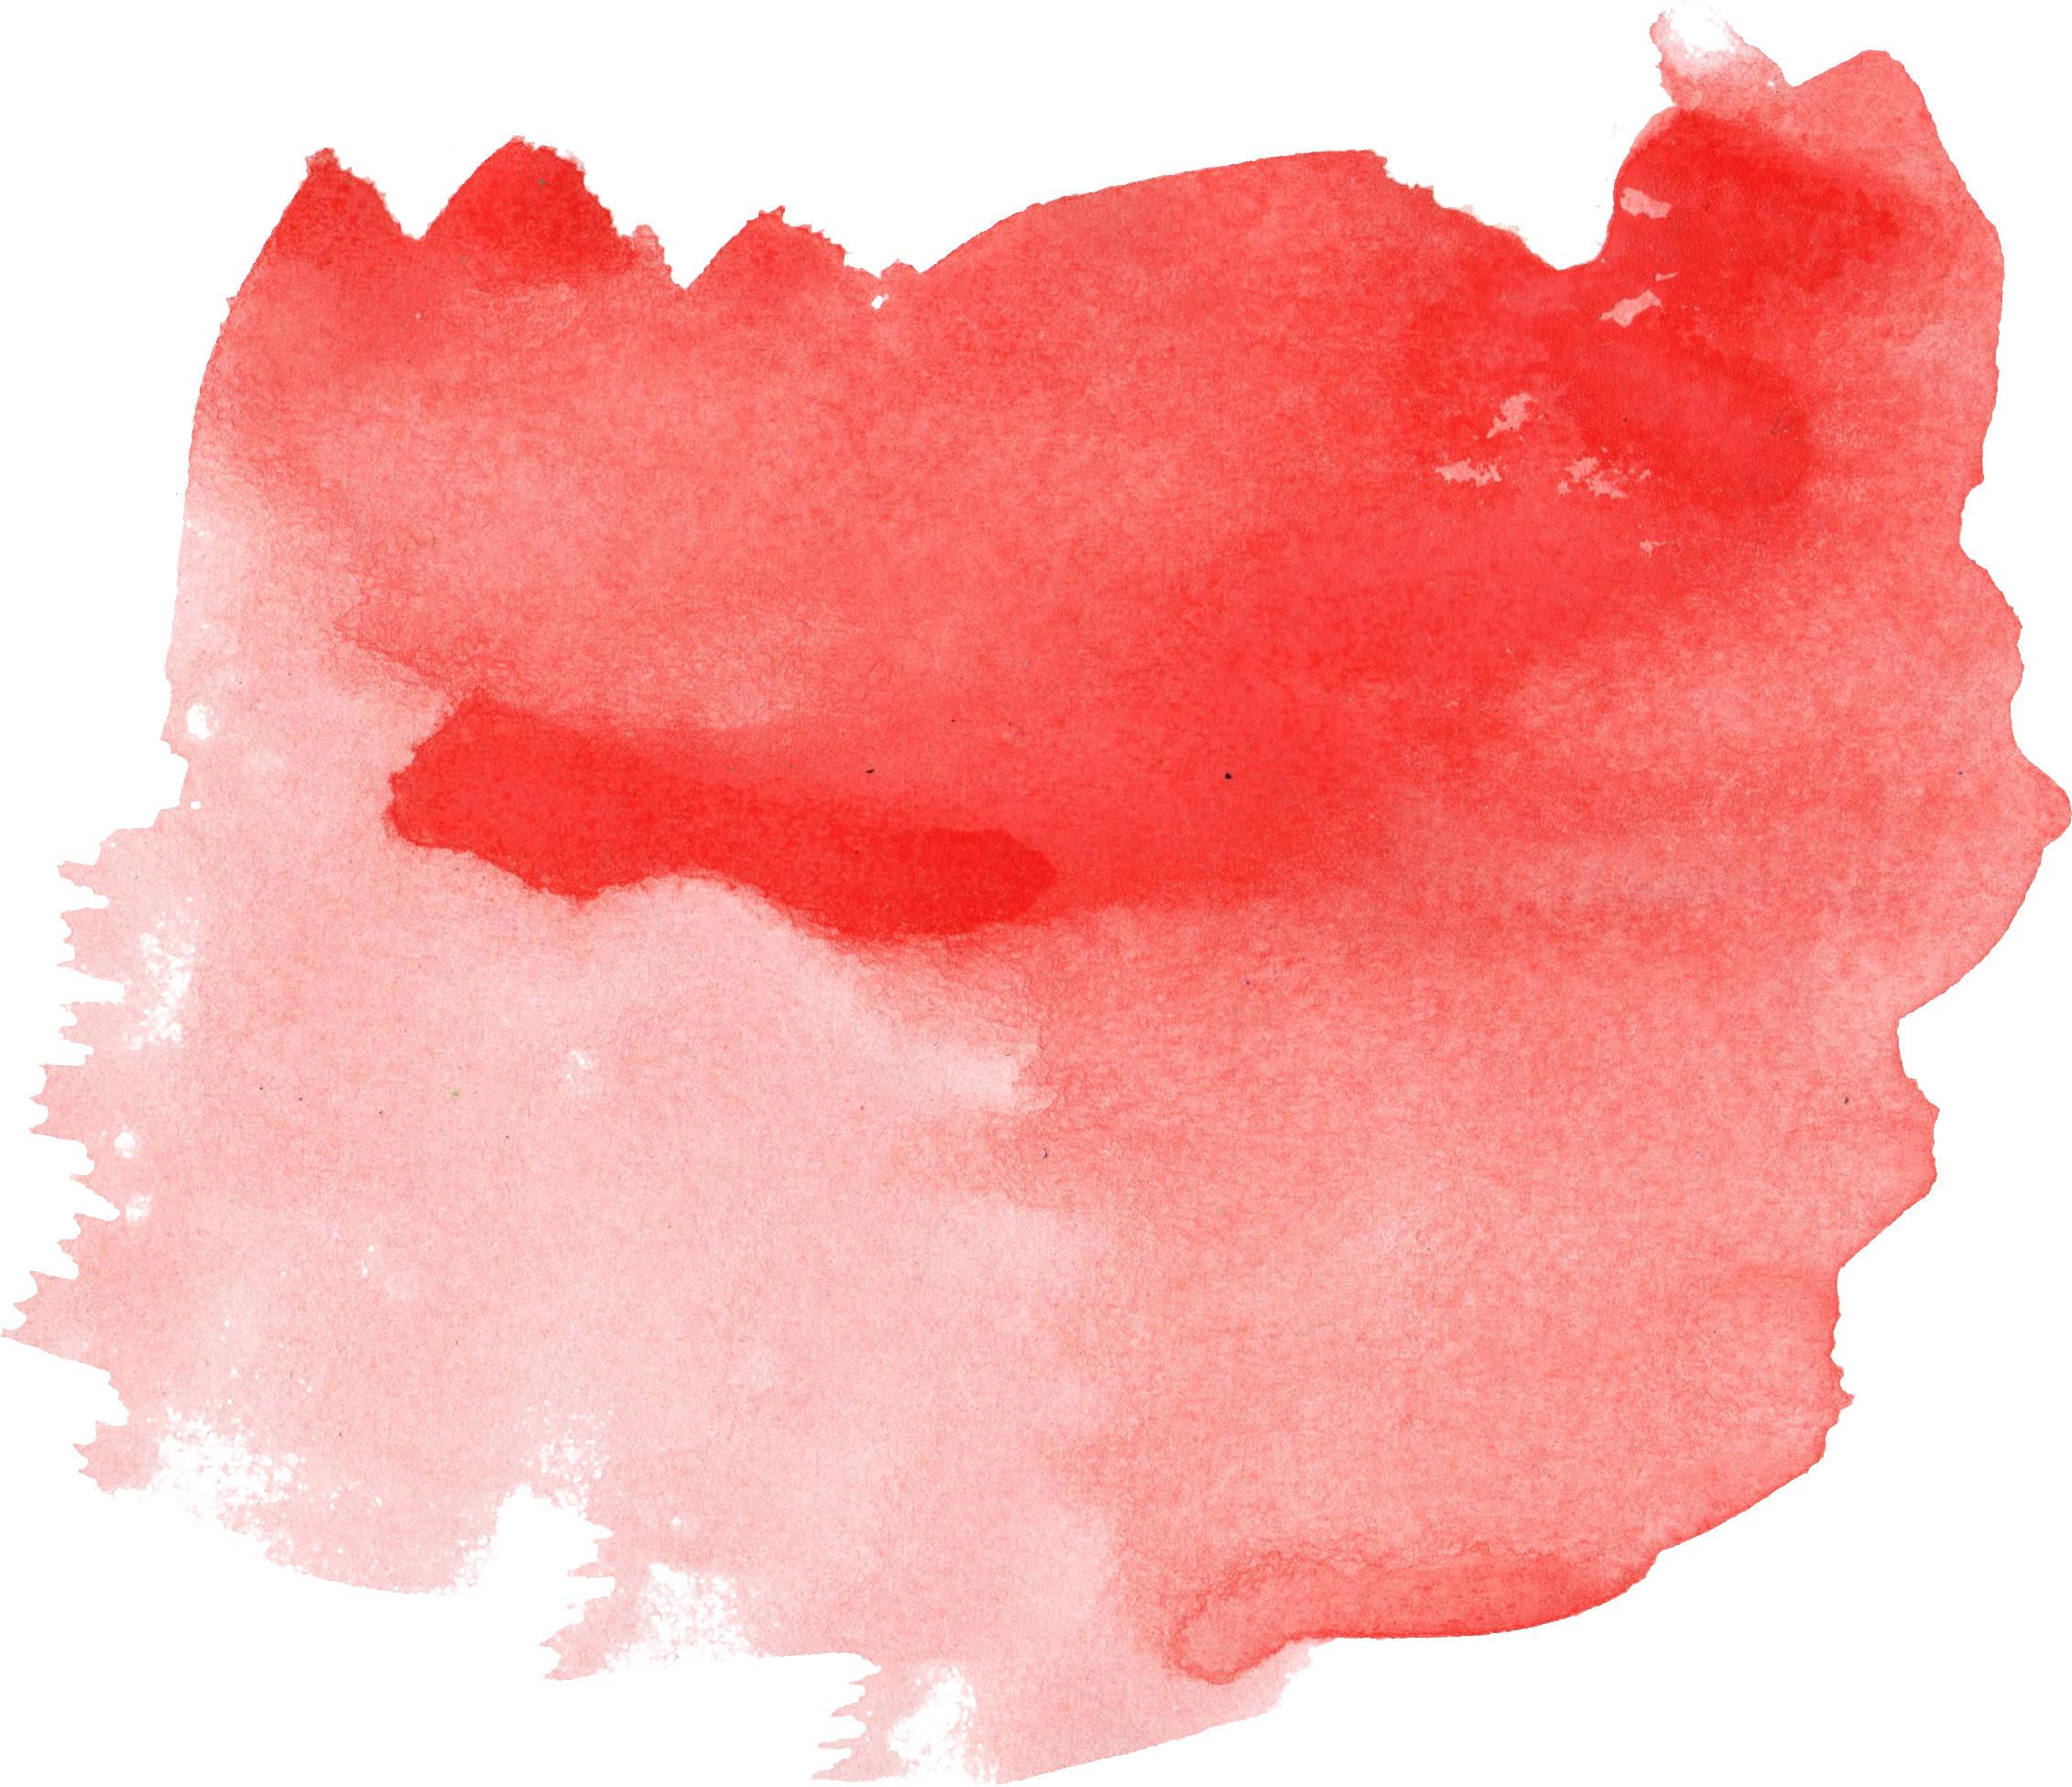 Red Paint Strocke